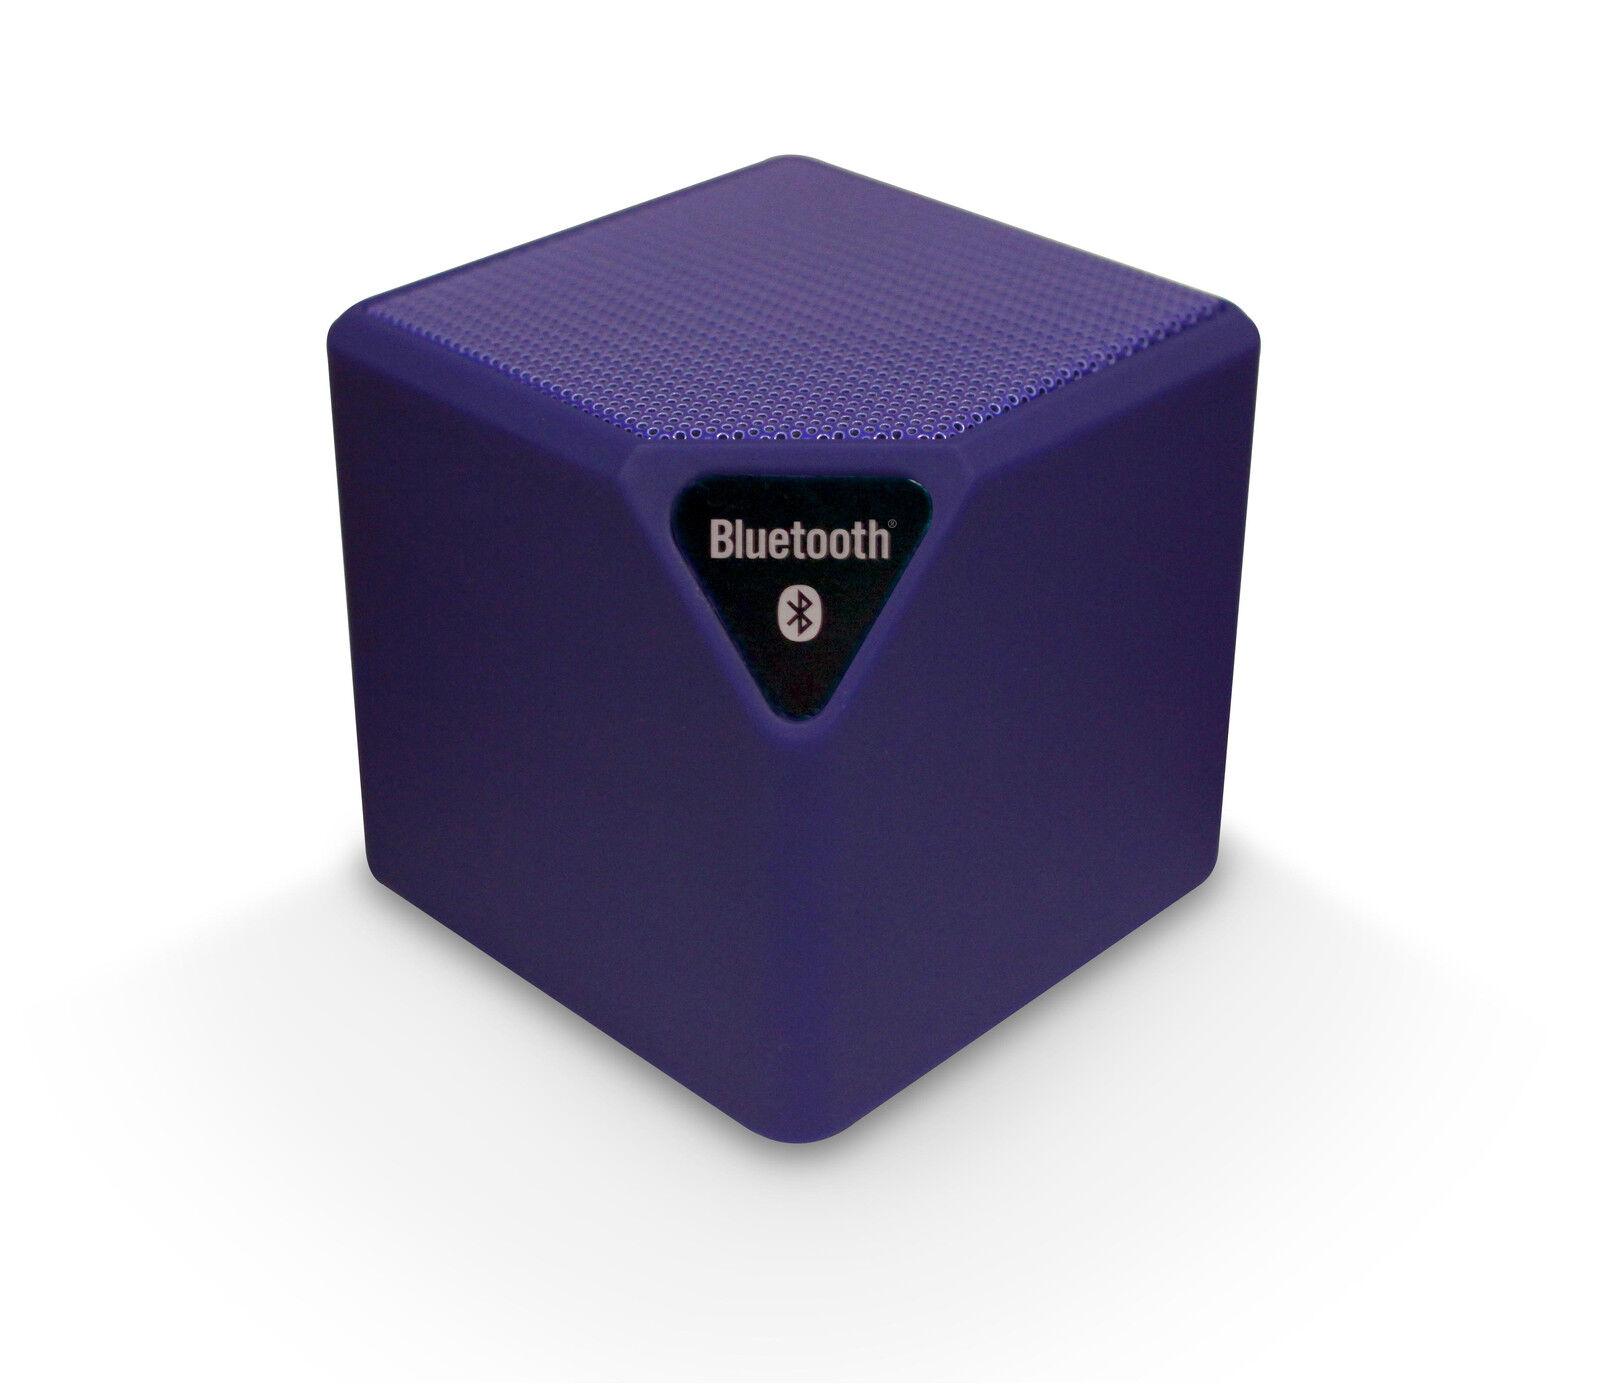 Handys & Kommunikation Preiswert Kaufen Bigben Bt14 Bluetooth-lautsprecher Portable Box Freisprecheinrichtung Aux Akku